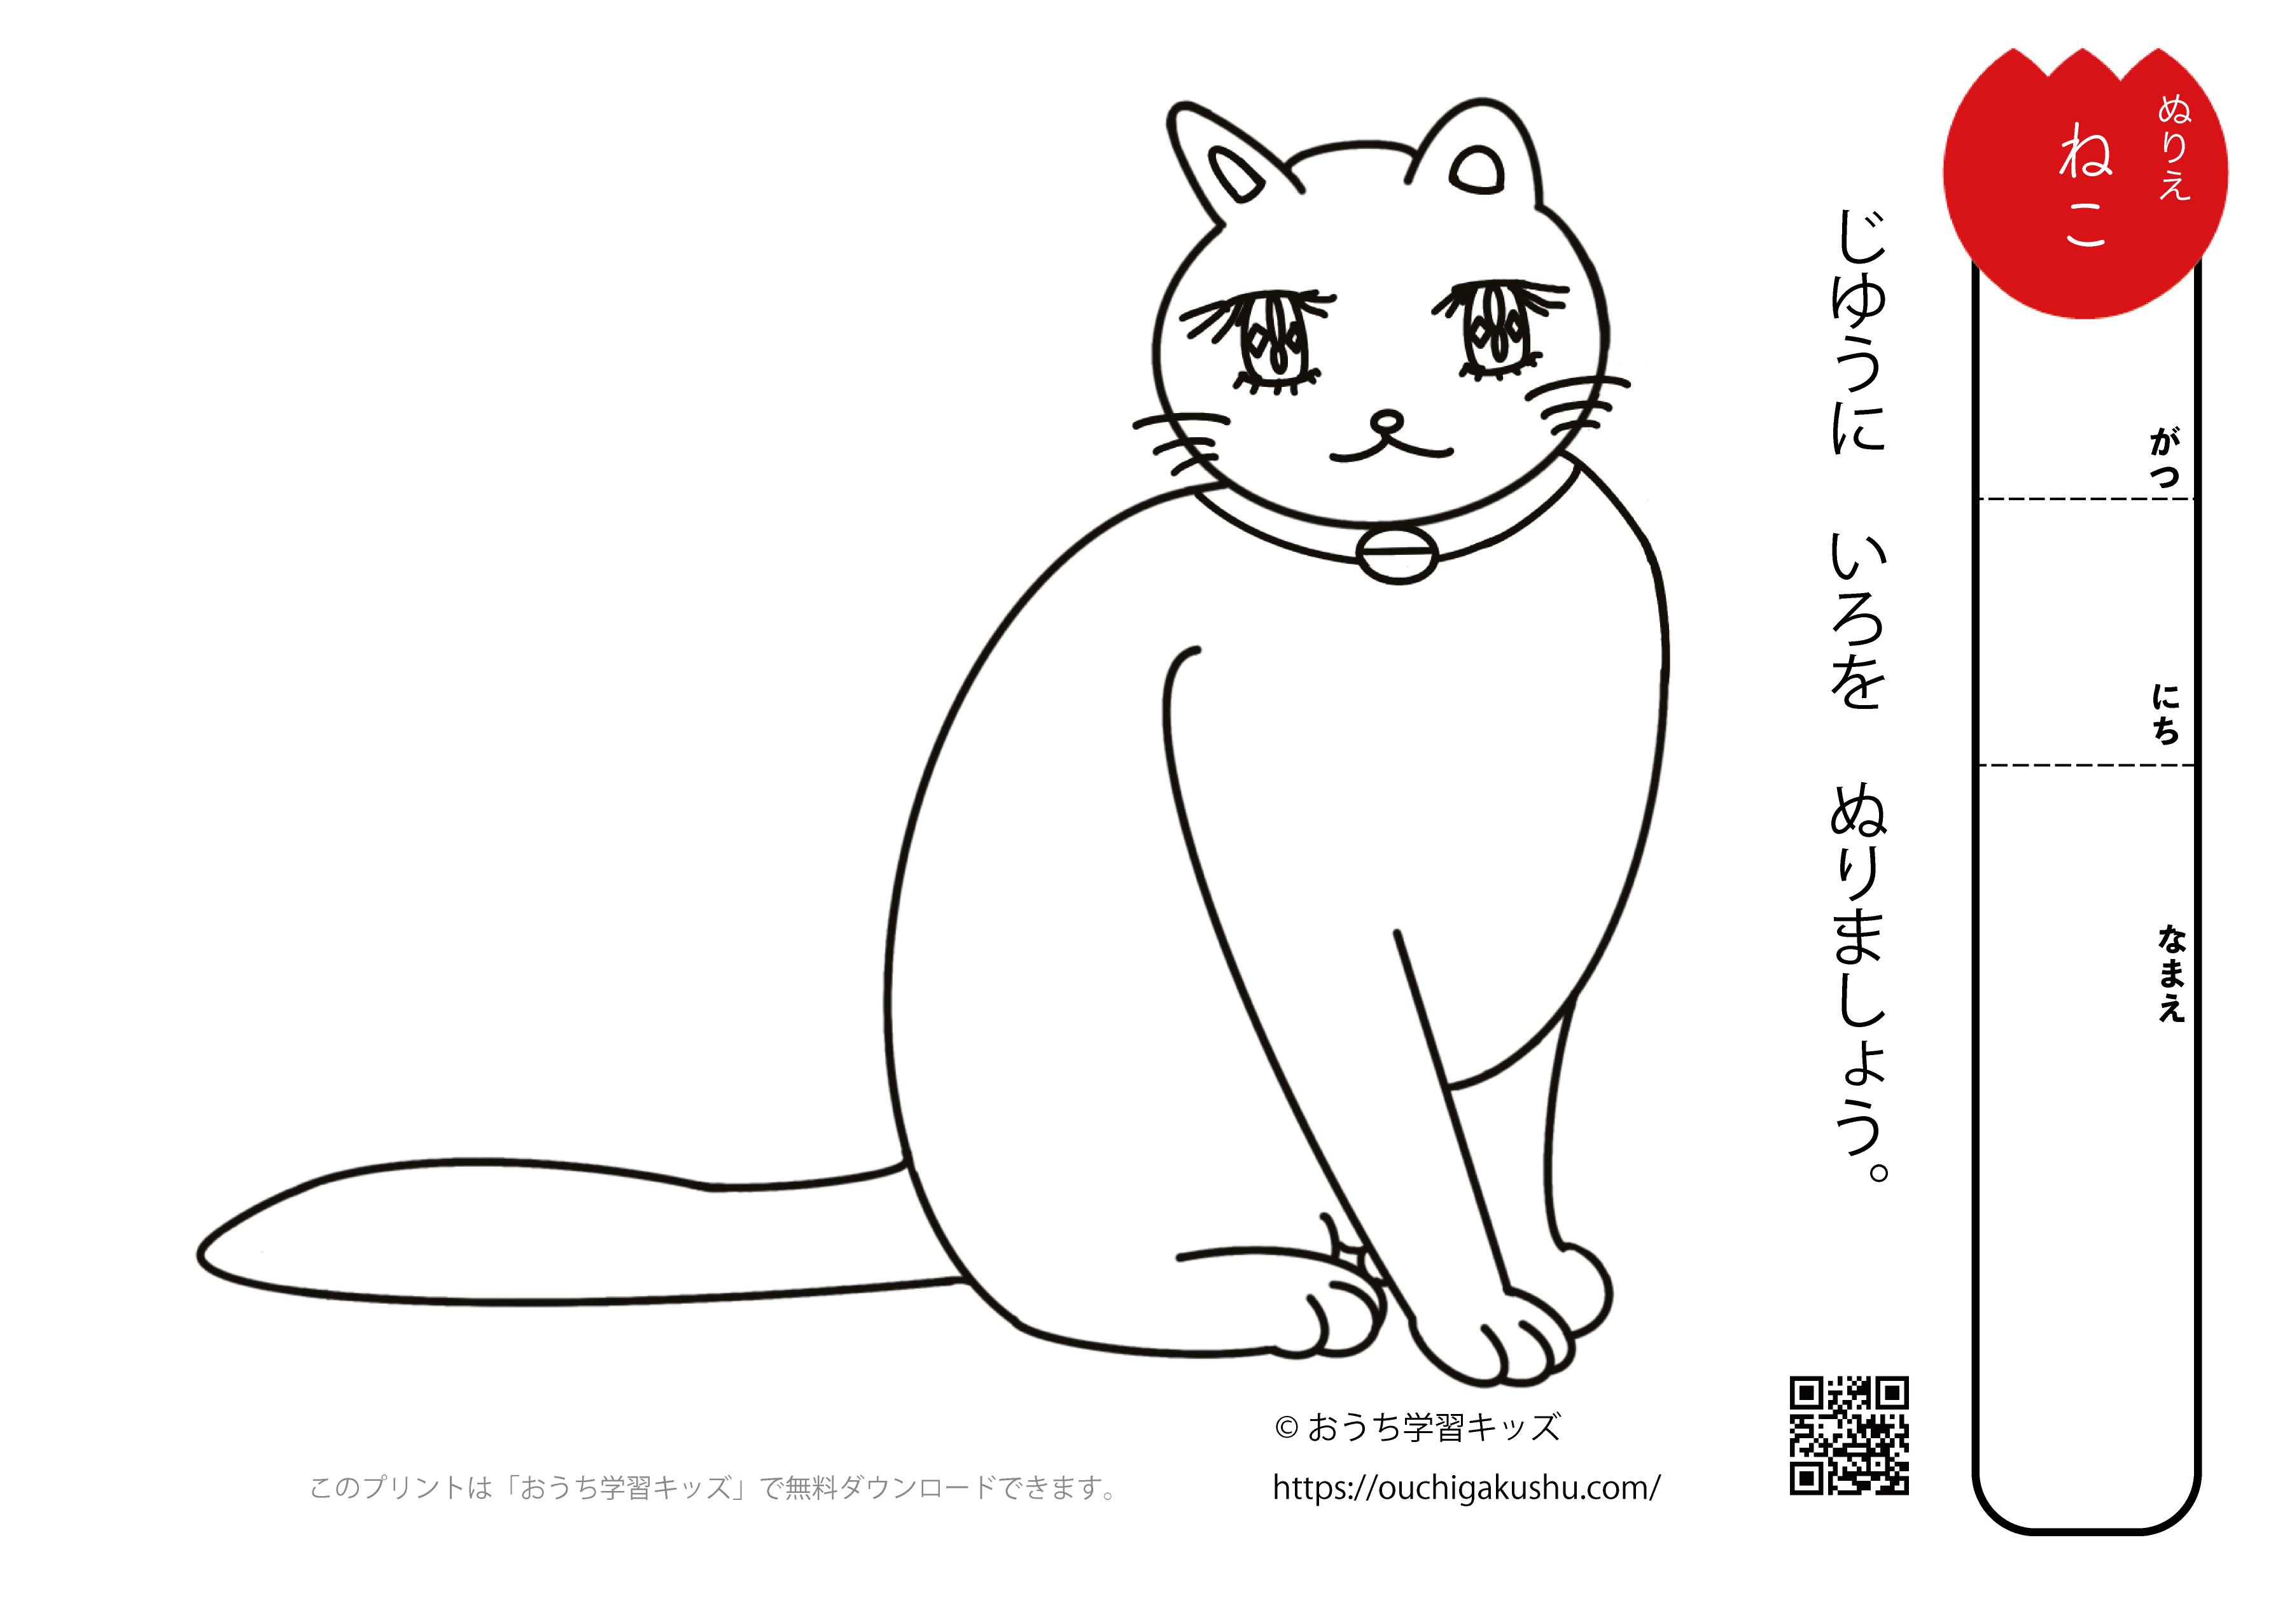 無料ぬりえプリント「猫(ねこ)」